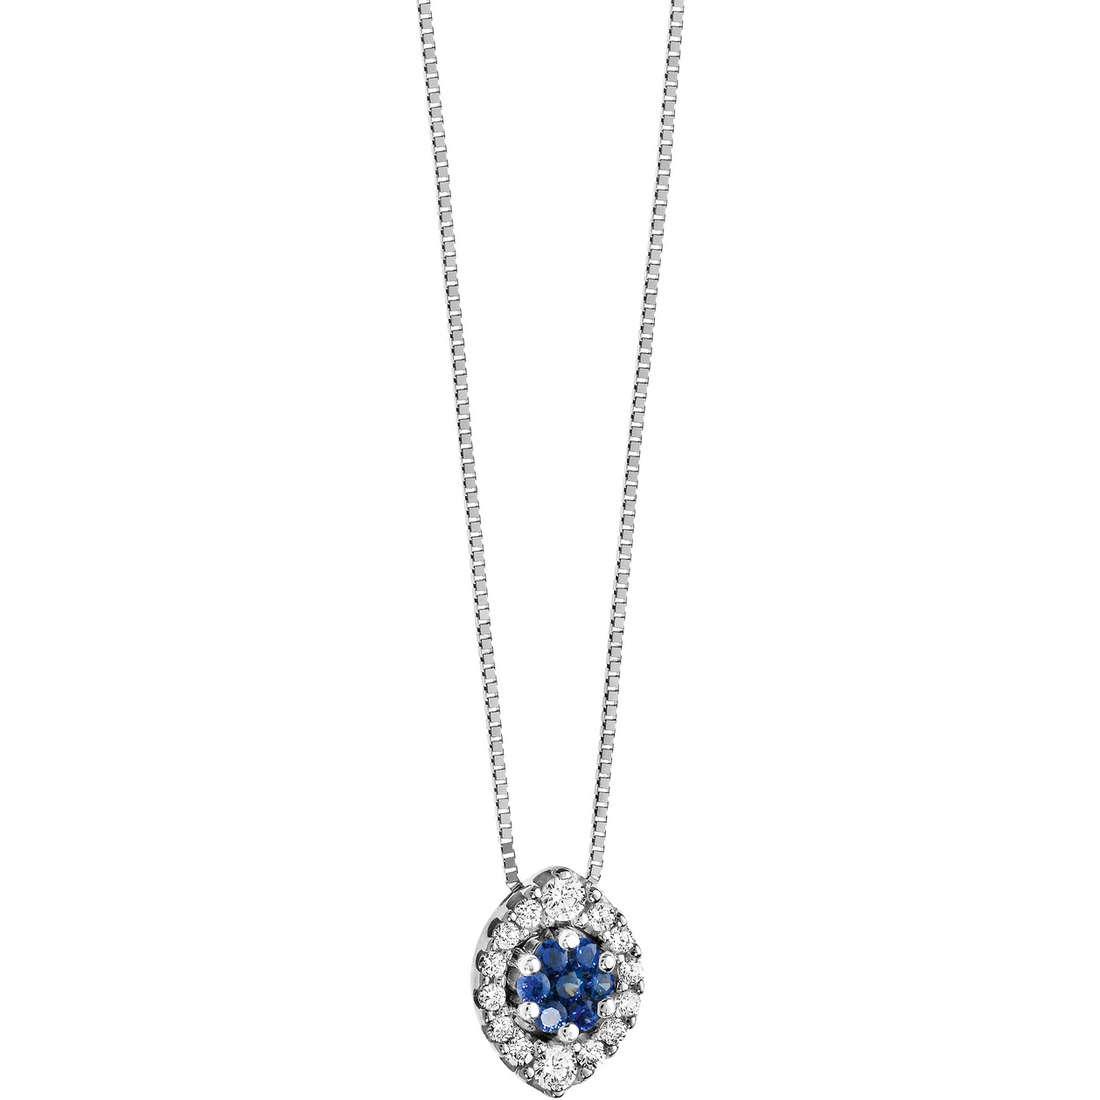 collana donna gioielli Comete Pietre preziose colorate GLB 807